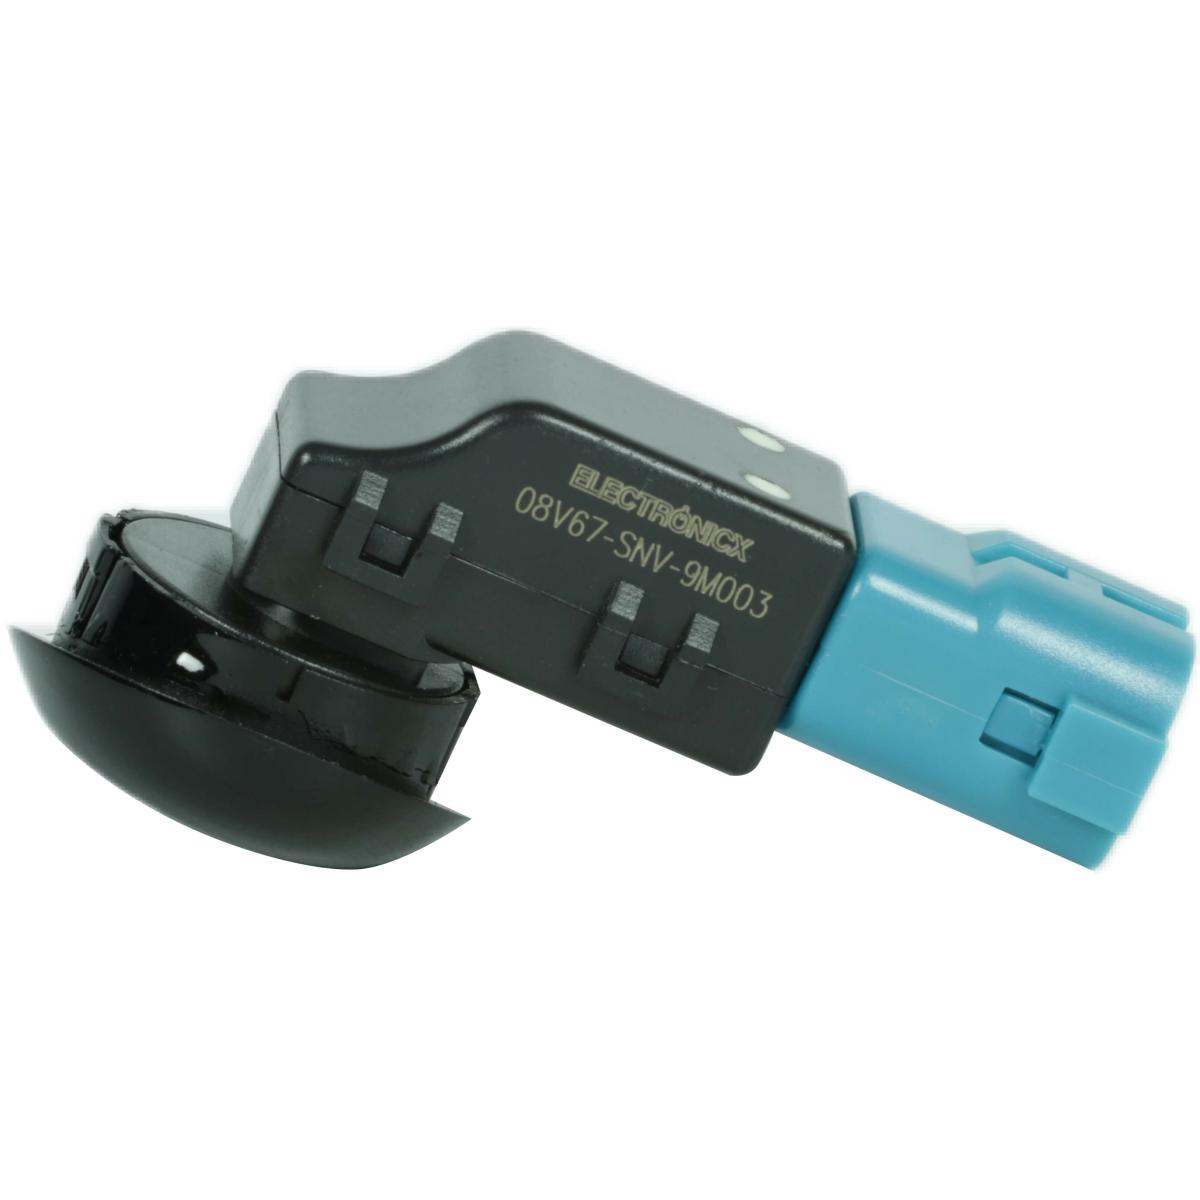 Park sensor 08V67-SNV-9M003 for Honda PDC Parktronic